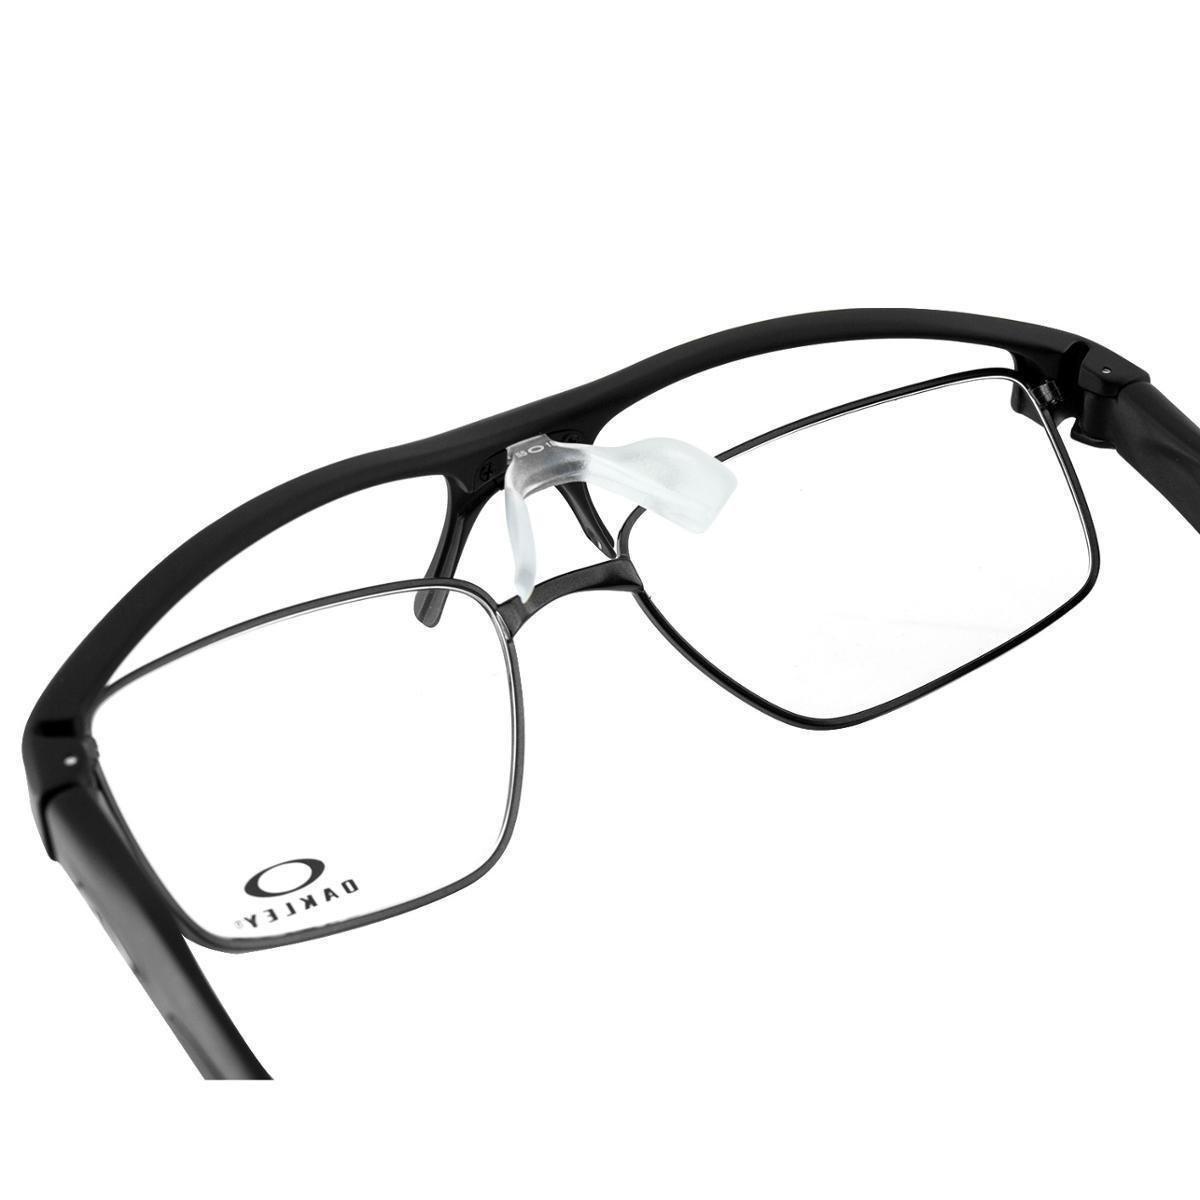 ... Óculos de Grau Oakley Crosslink Switch OX3128 01-55 Masculino ... 4d822760d6